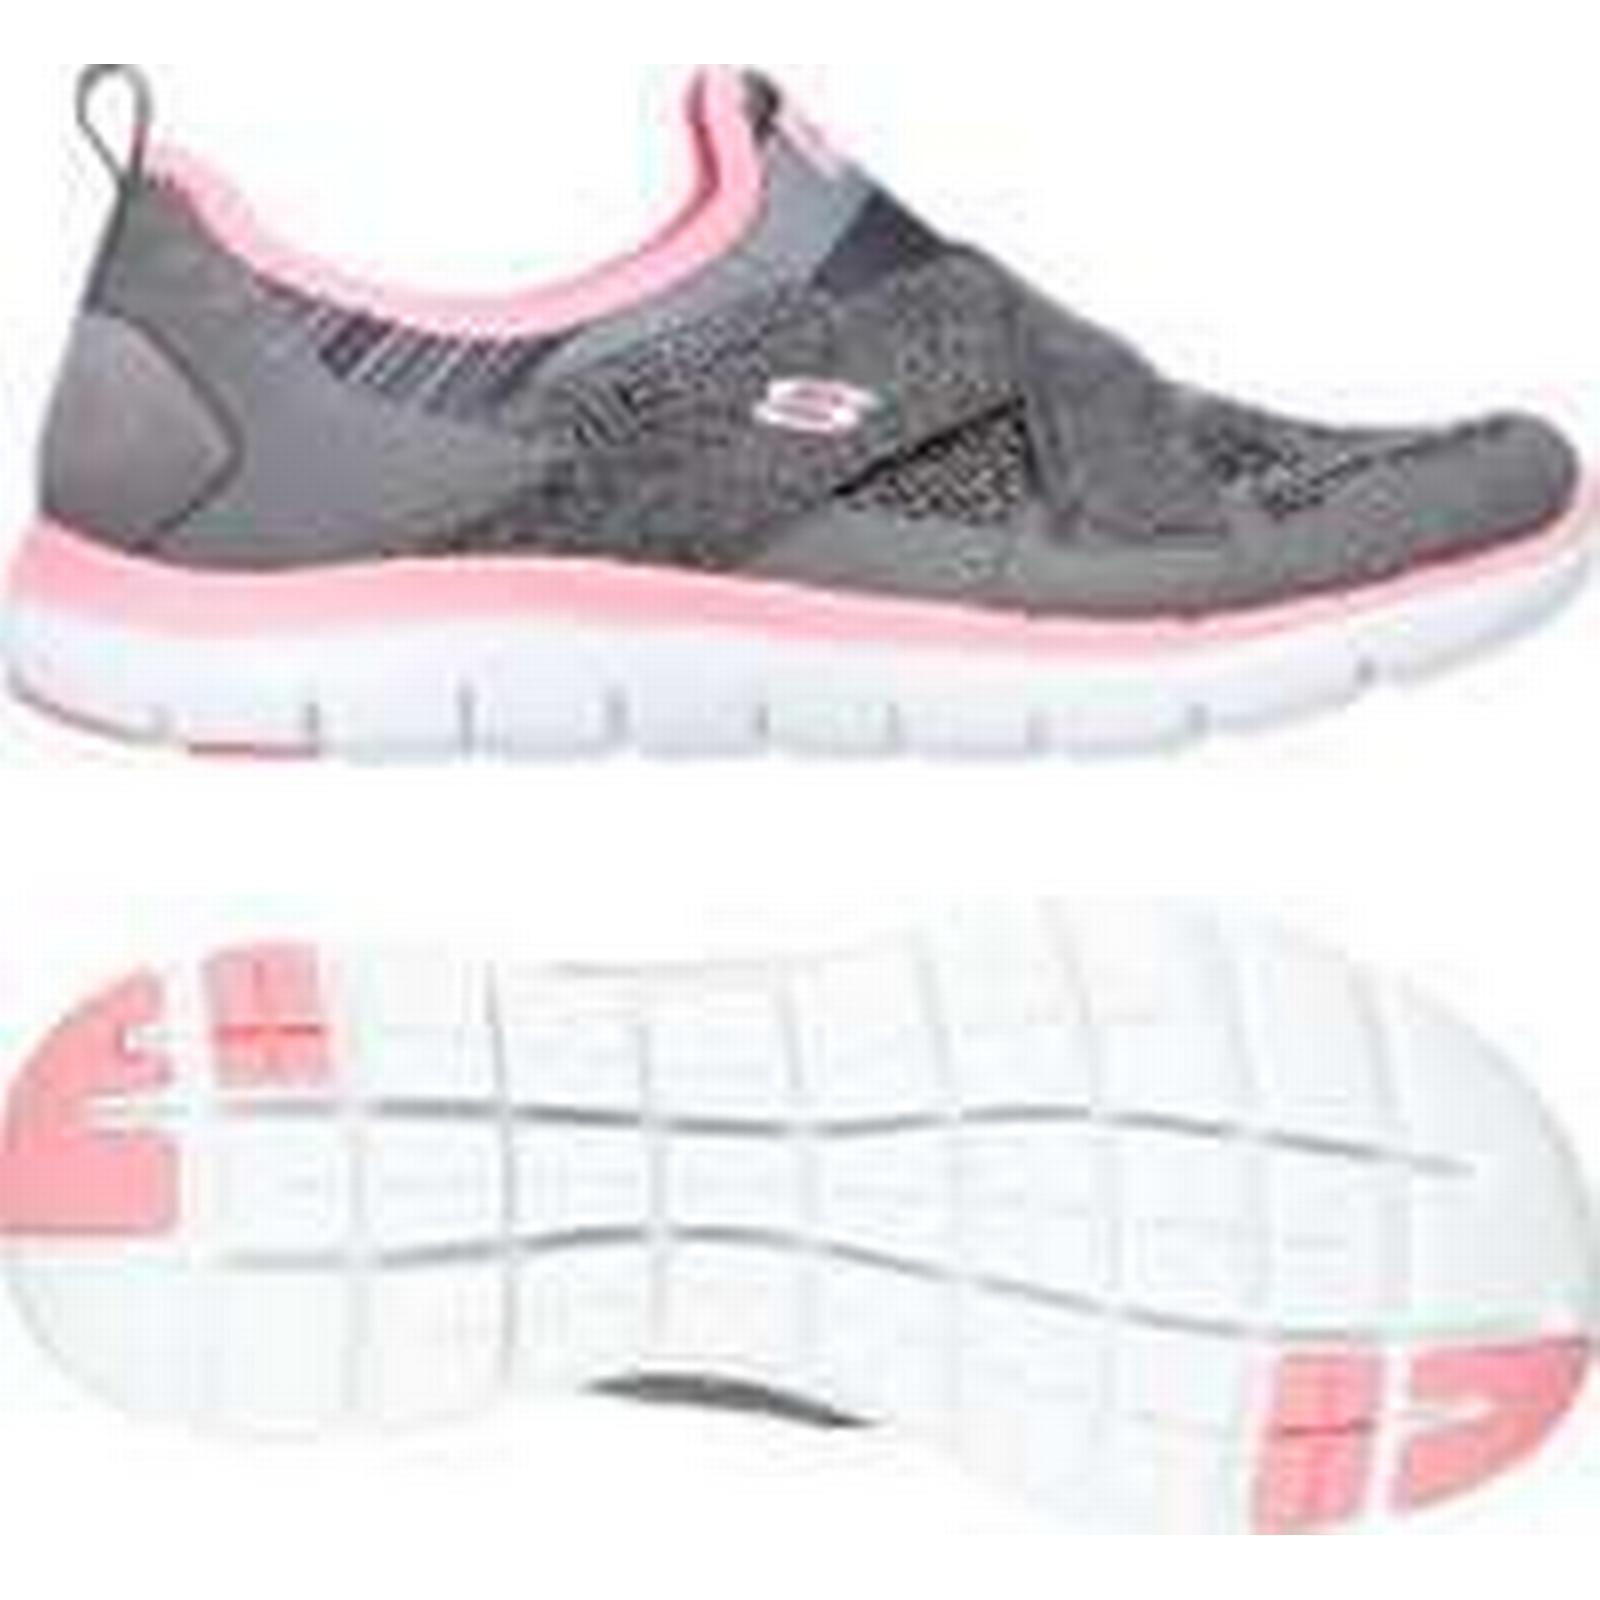 Skechers Sport Slip Flex Appeal 2.0 Ladies Slip Sport On Athletic Shoes - Grey, 5.5 UK 25ee8b